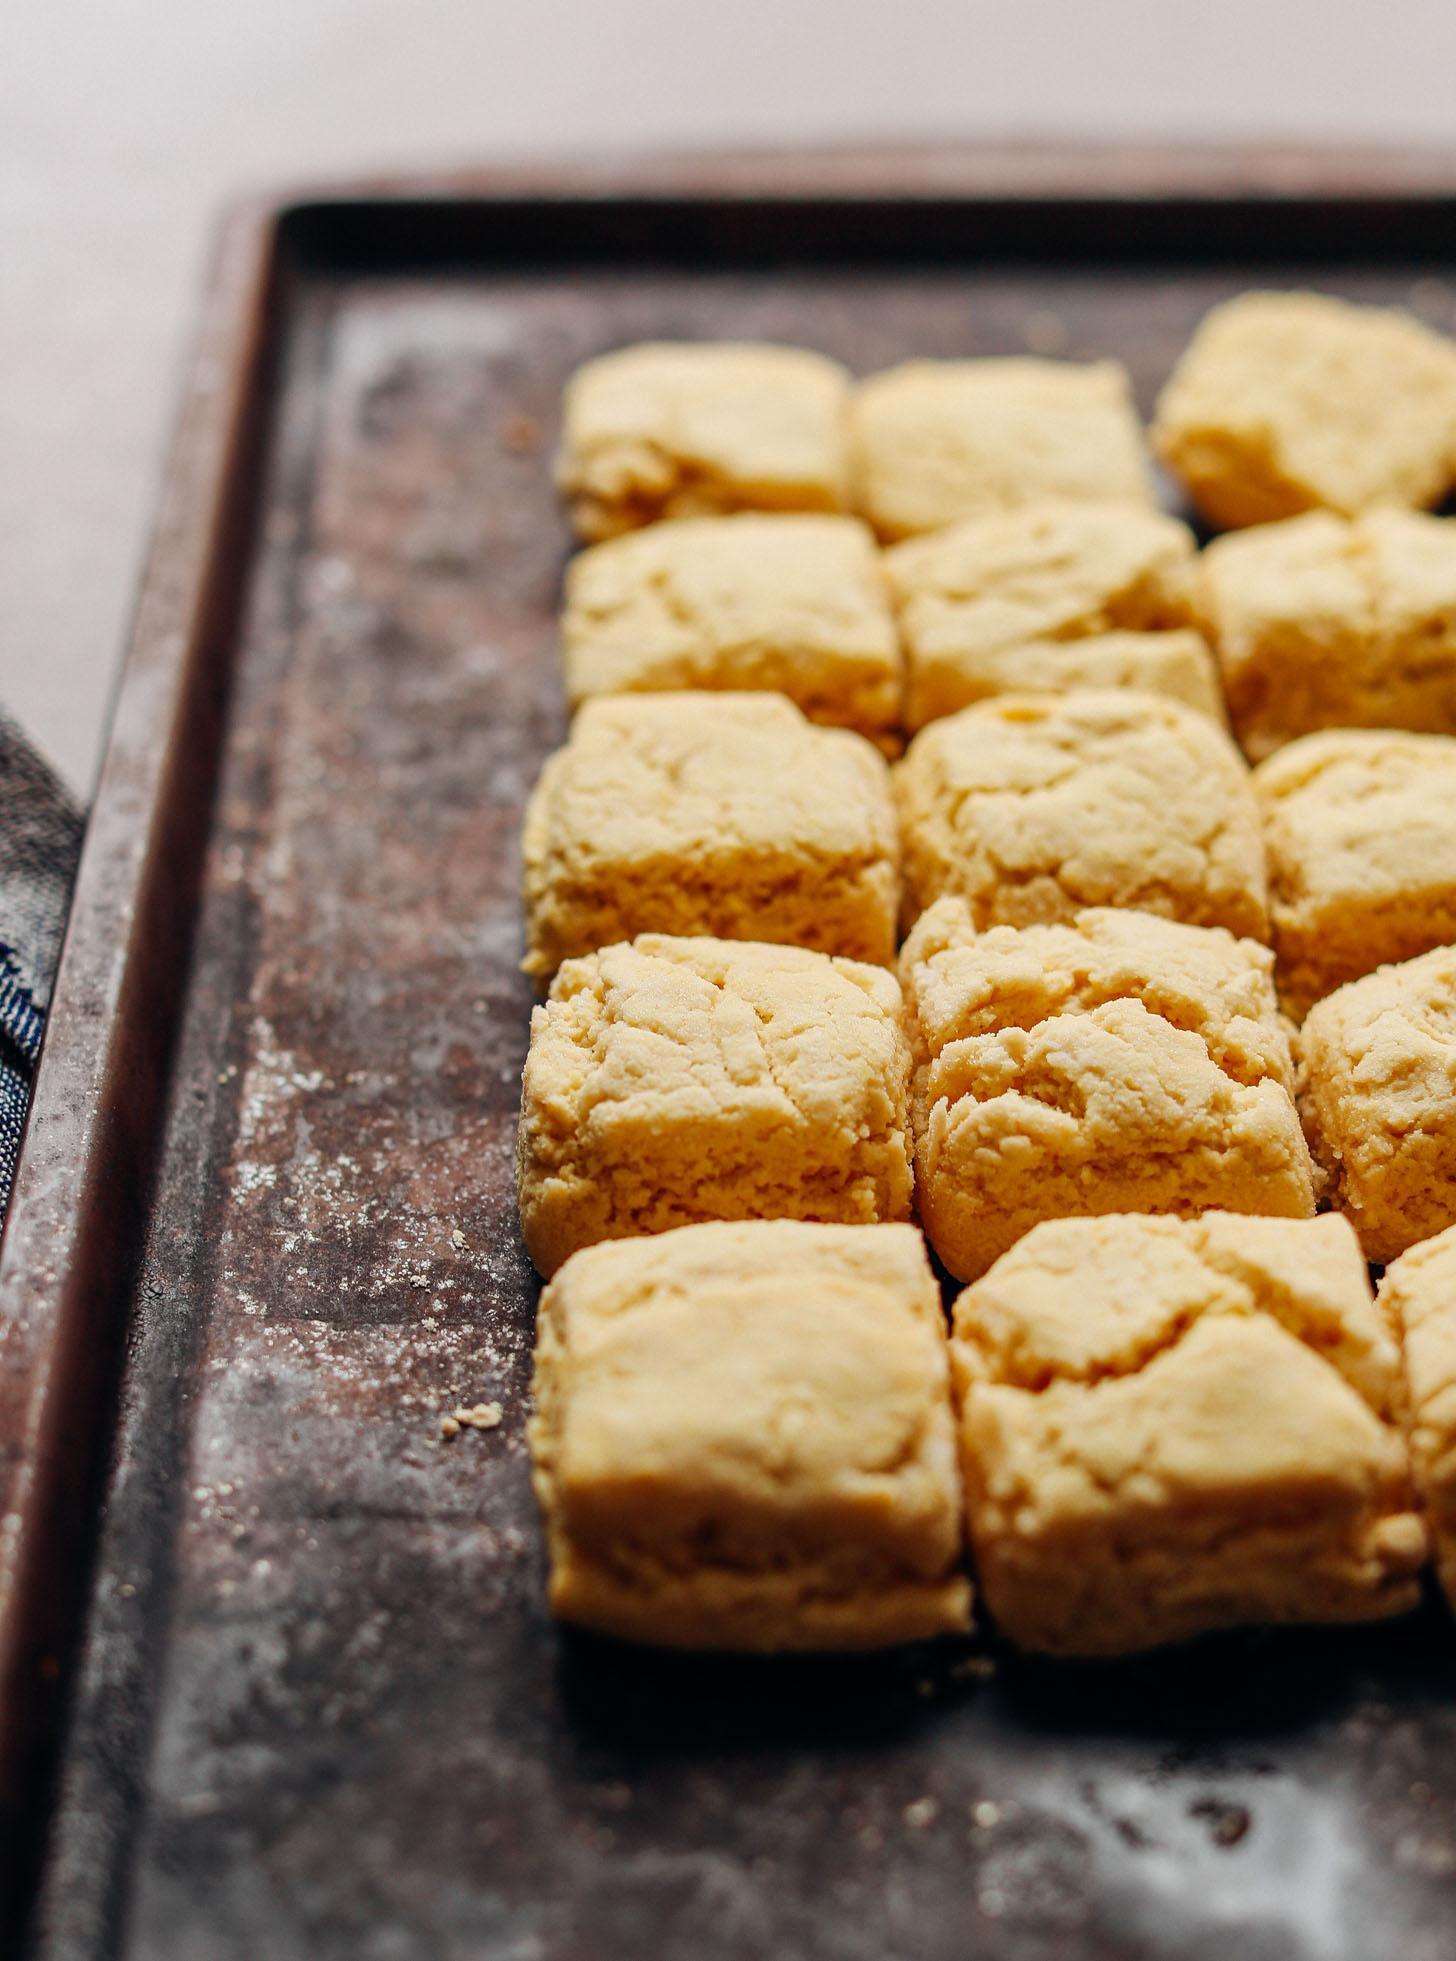 DELICIOUS Vegan Gluten-Free BISCUITS! 9 Ingredients, fluffy, TENDER! #biscuits #recipe #vegan #glutenfree #minimalistbaker